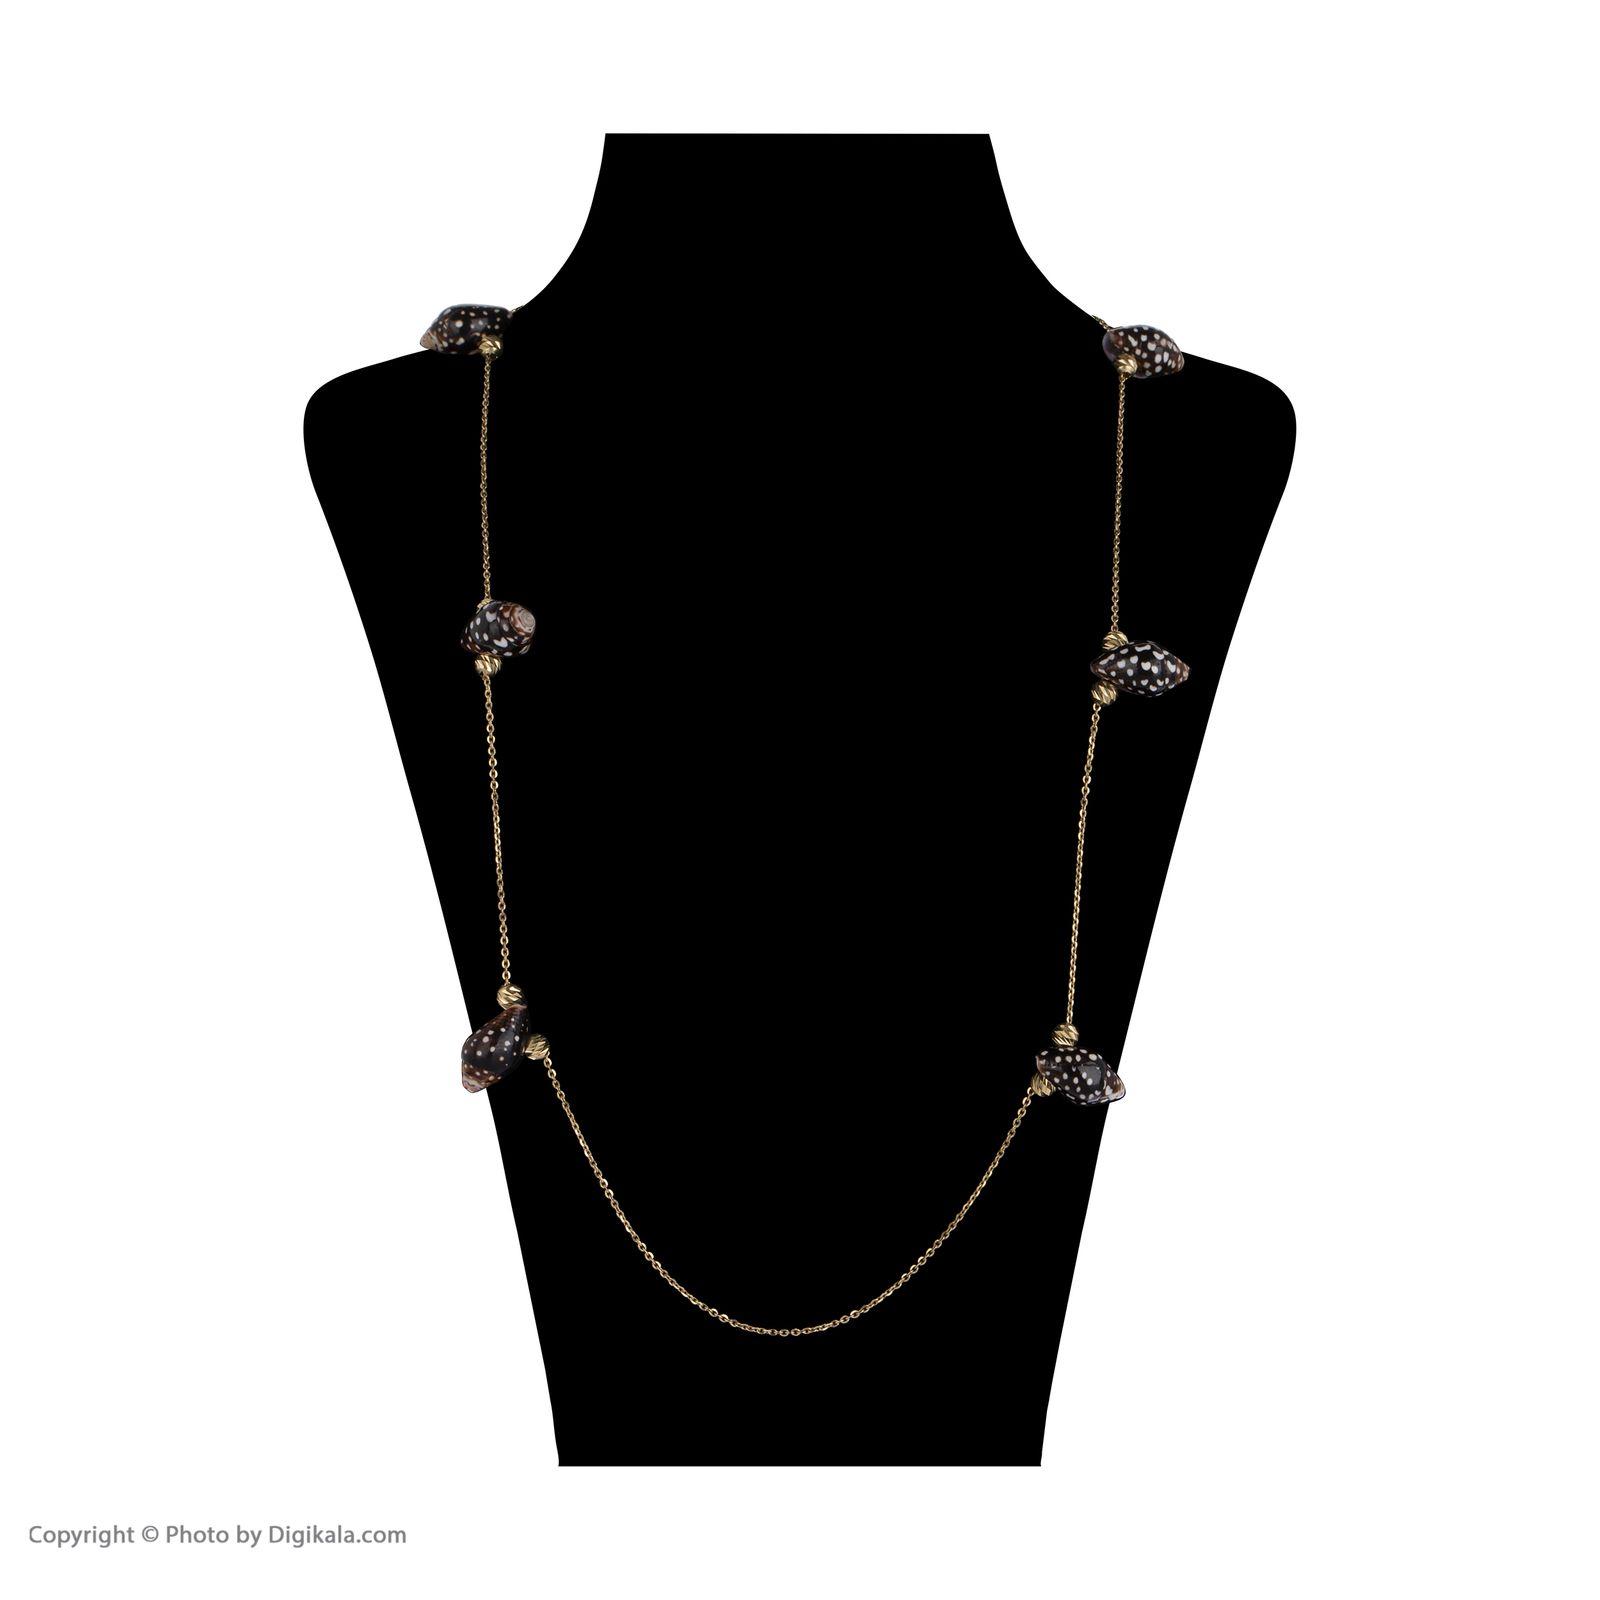 گردنبند طلا 18 عیار زنانه سیودو مدل 147638 -  - 3